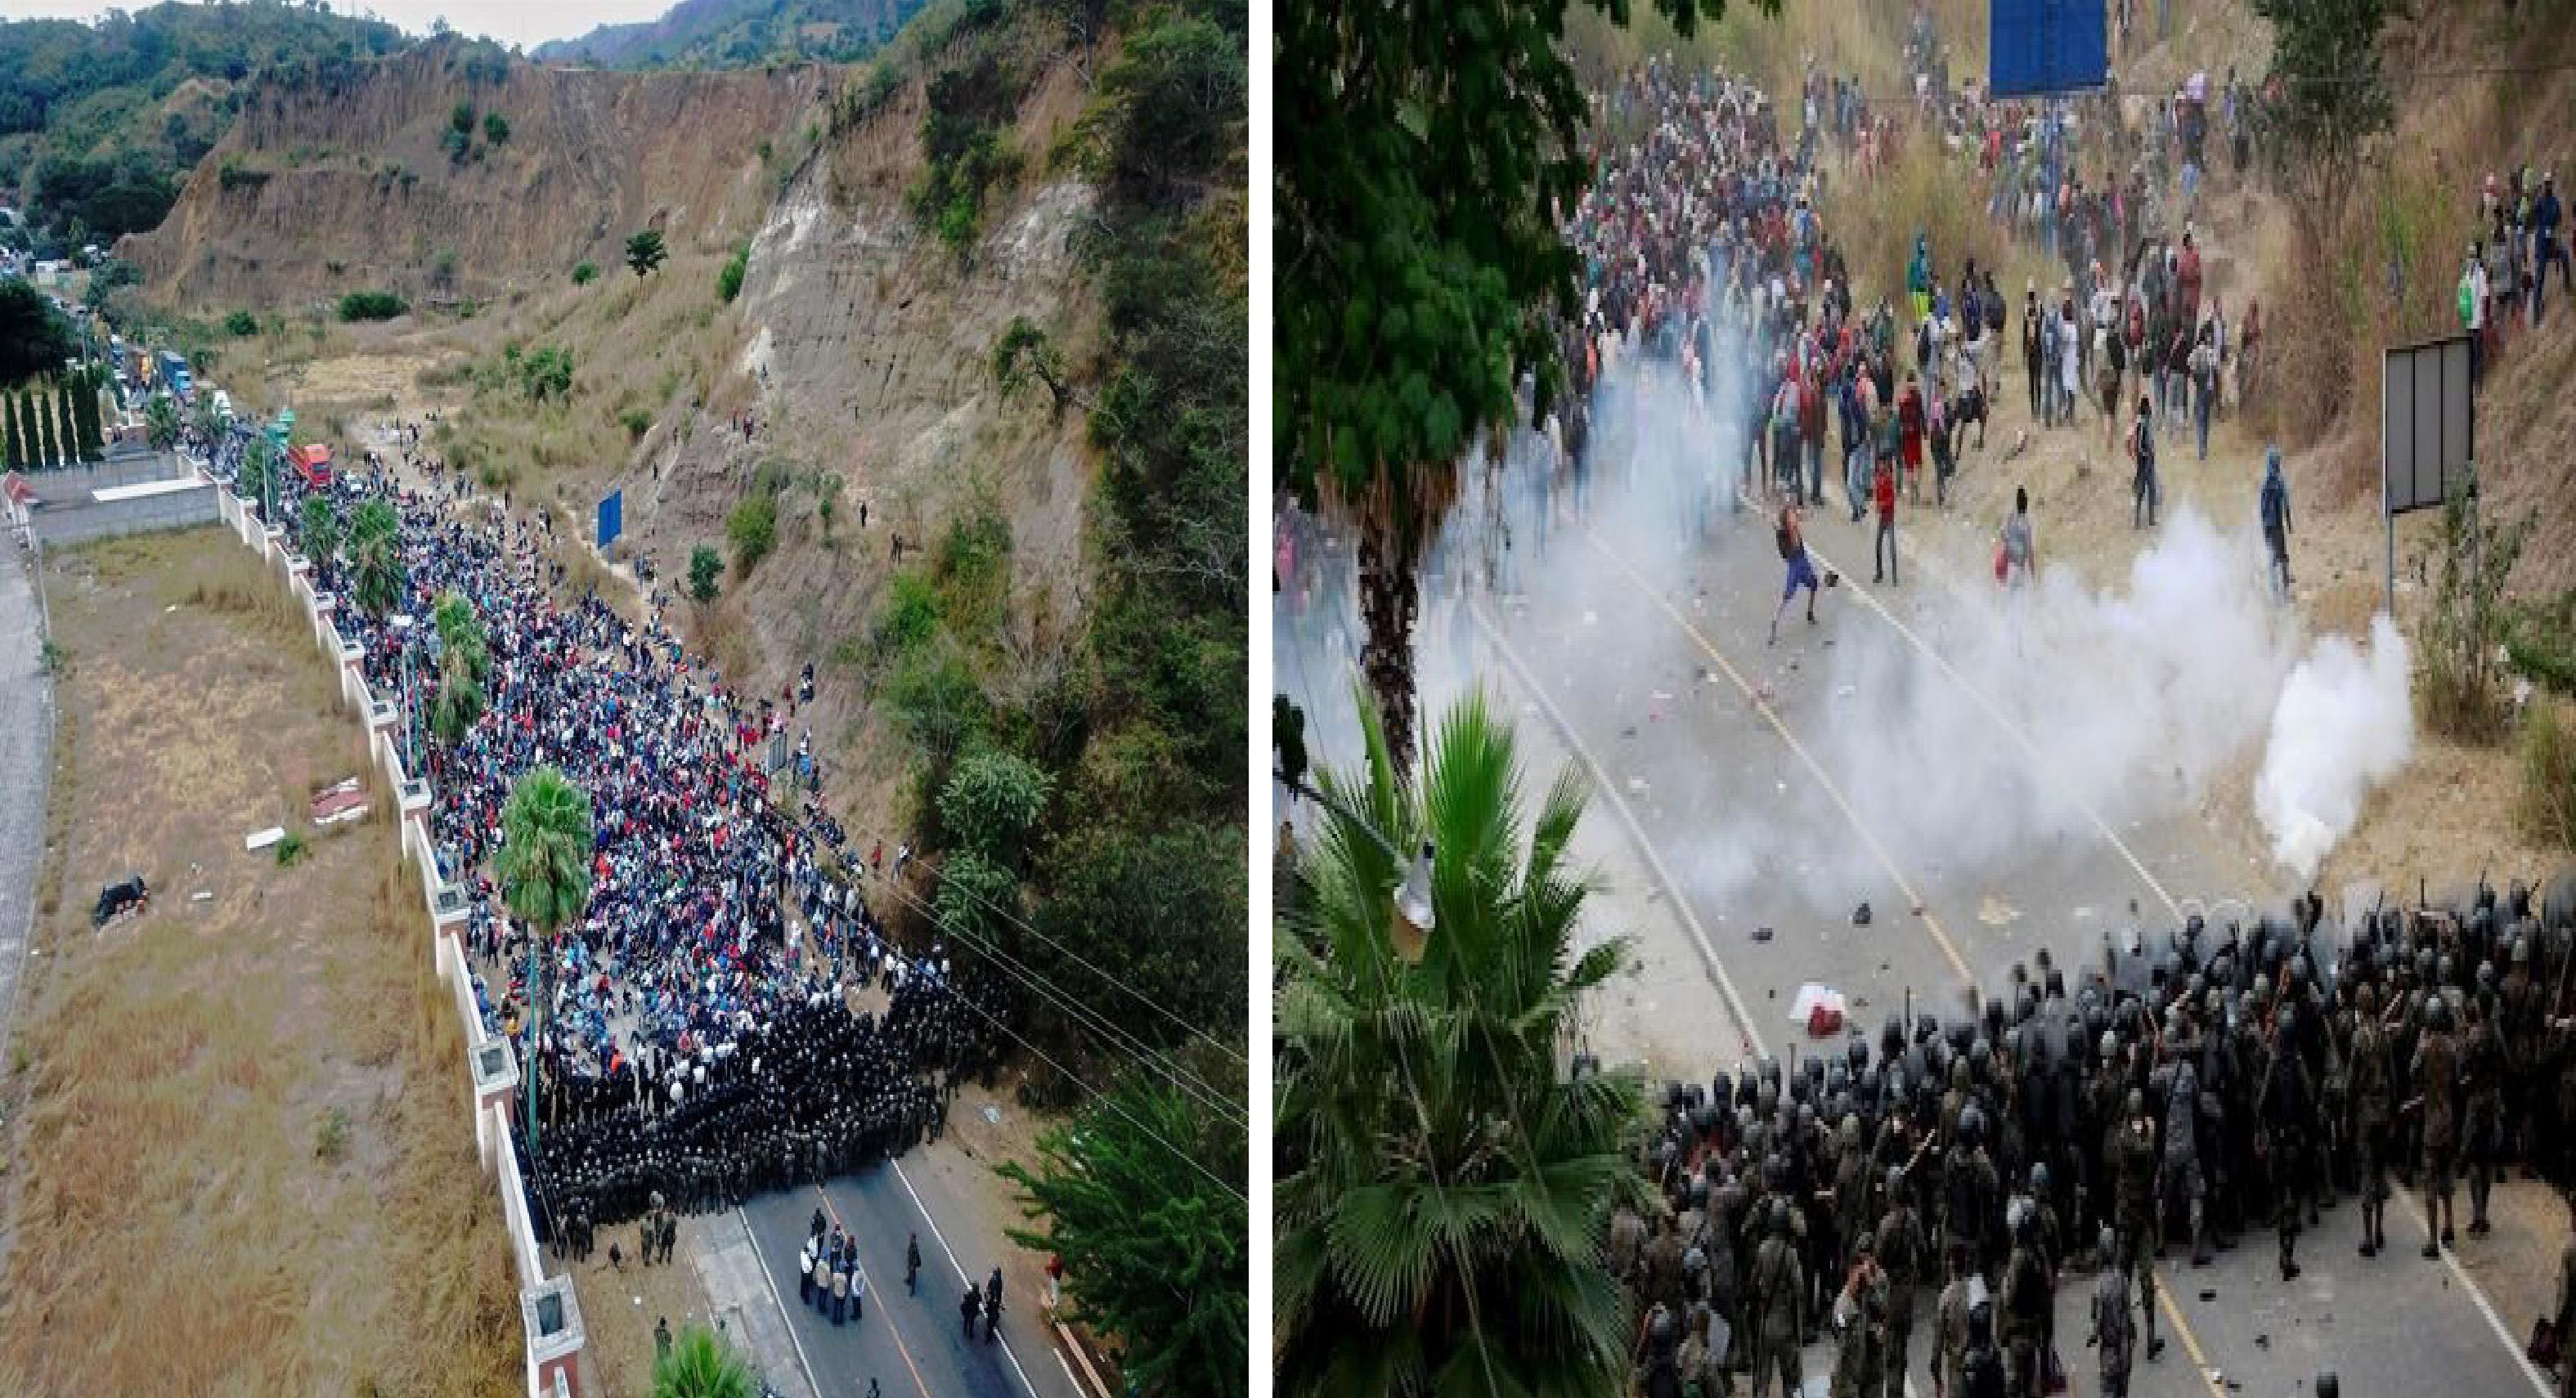 Caravana migrante 2021 es reprendida a golpes en Guatemala || VIDEOS